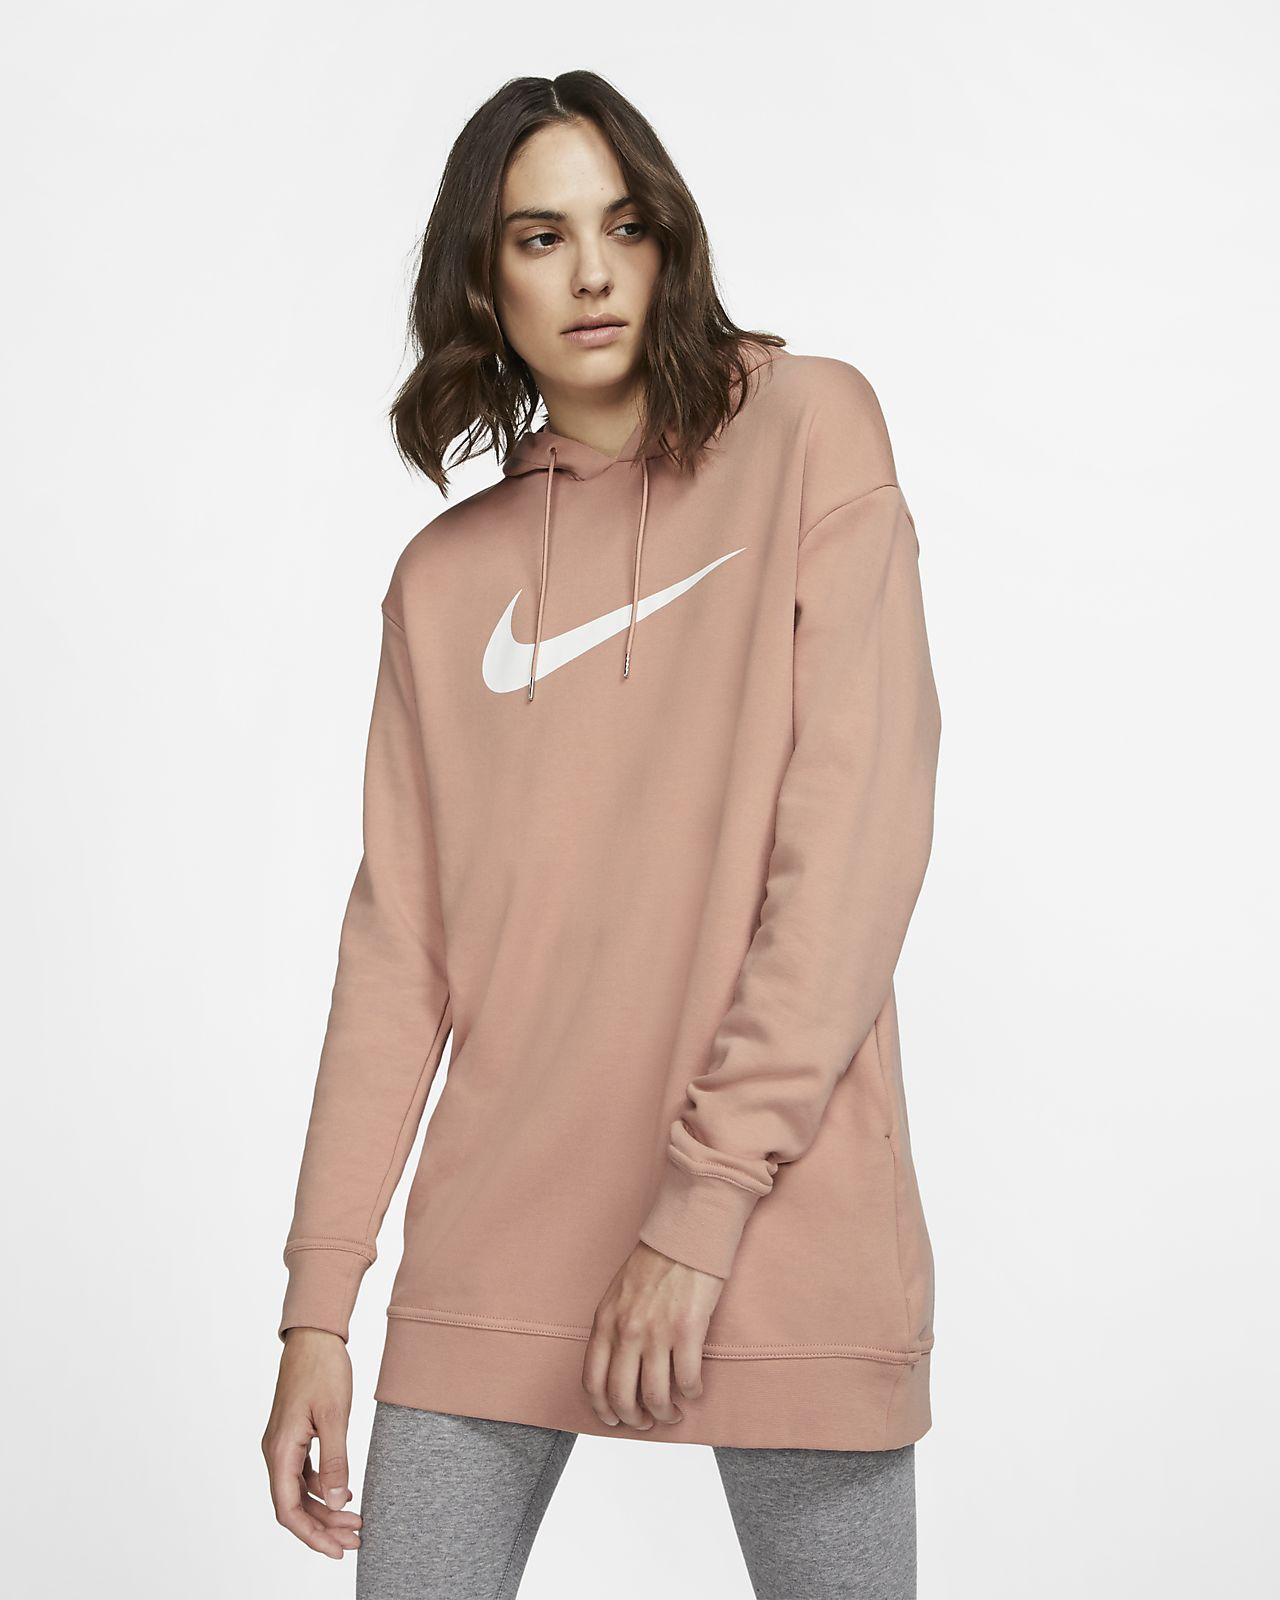 Sweat Sportswear Capuche Nike A Swoosh Y7gyvb6f